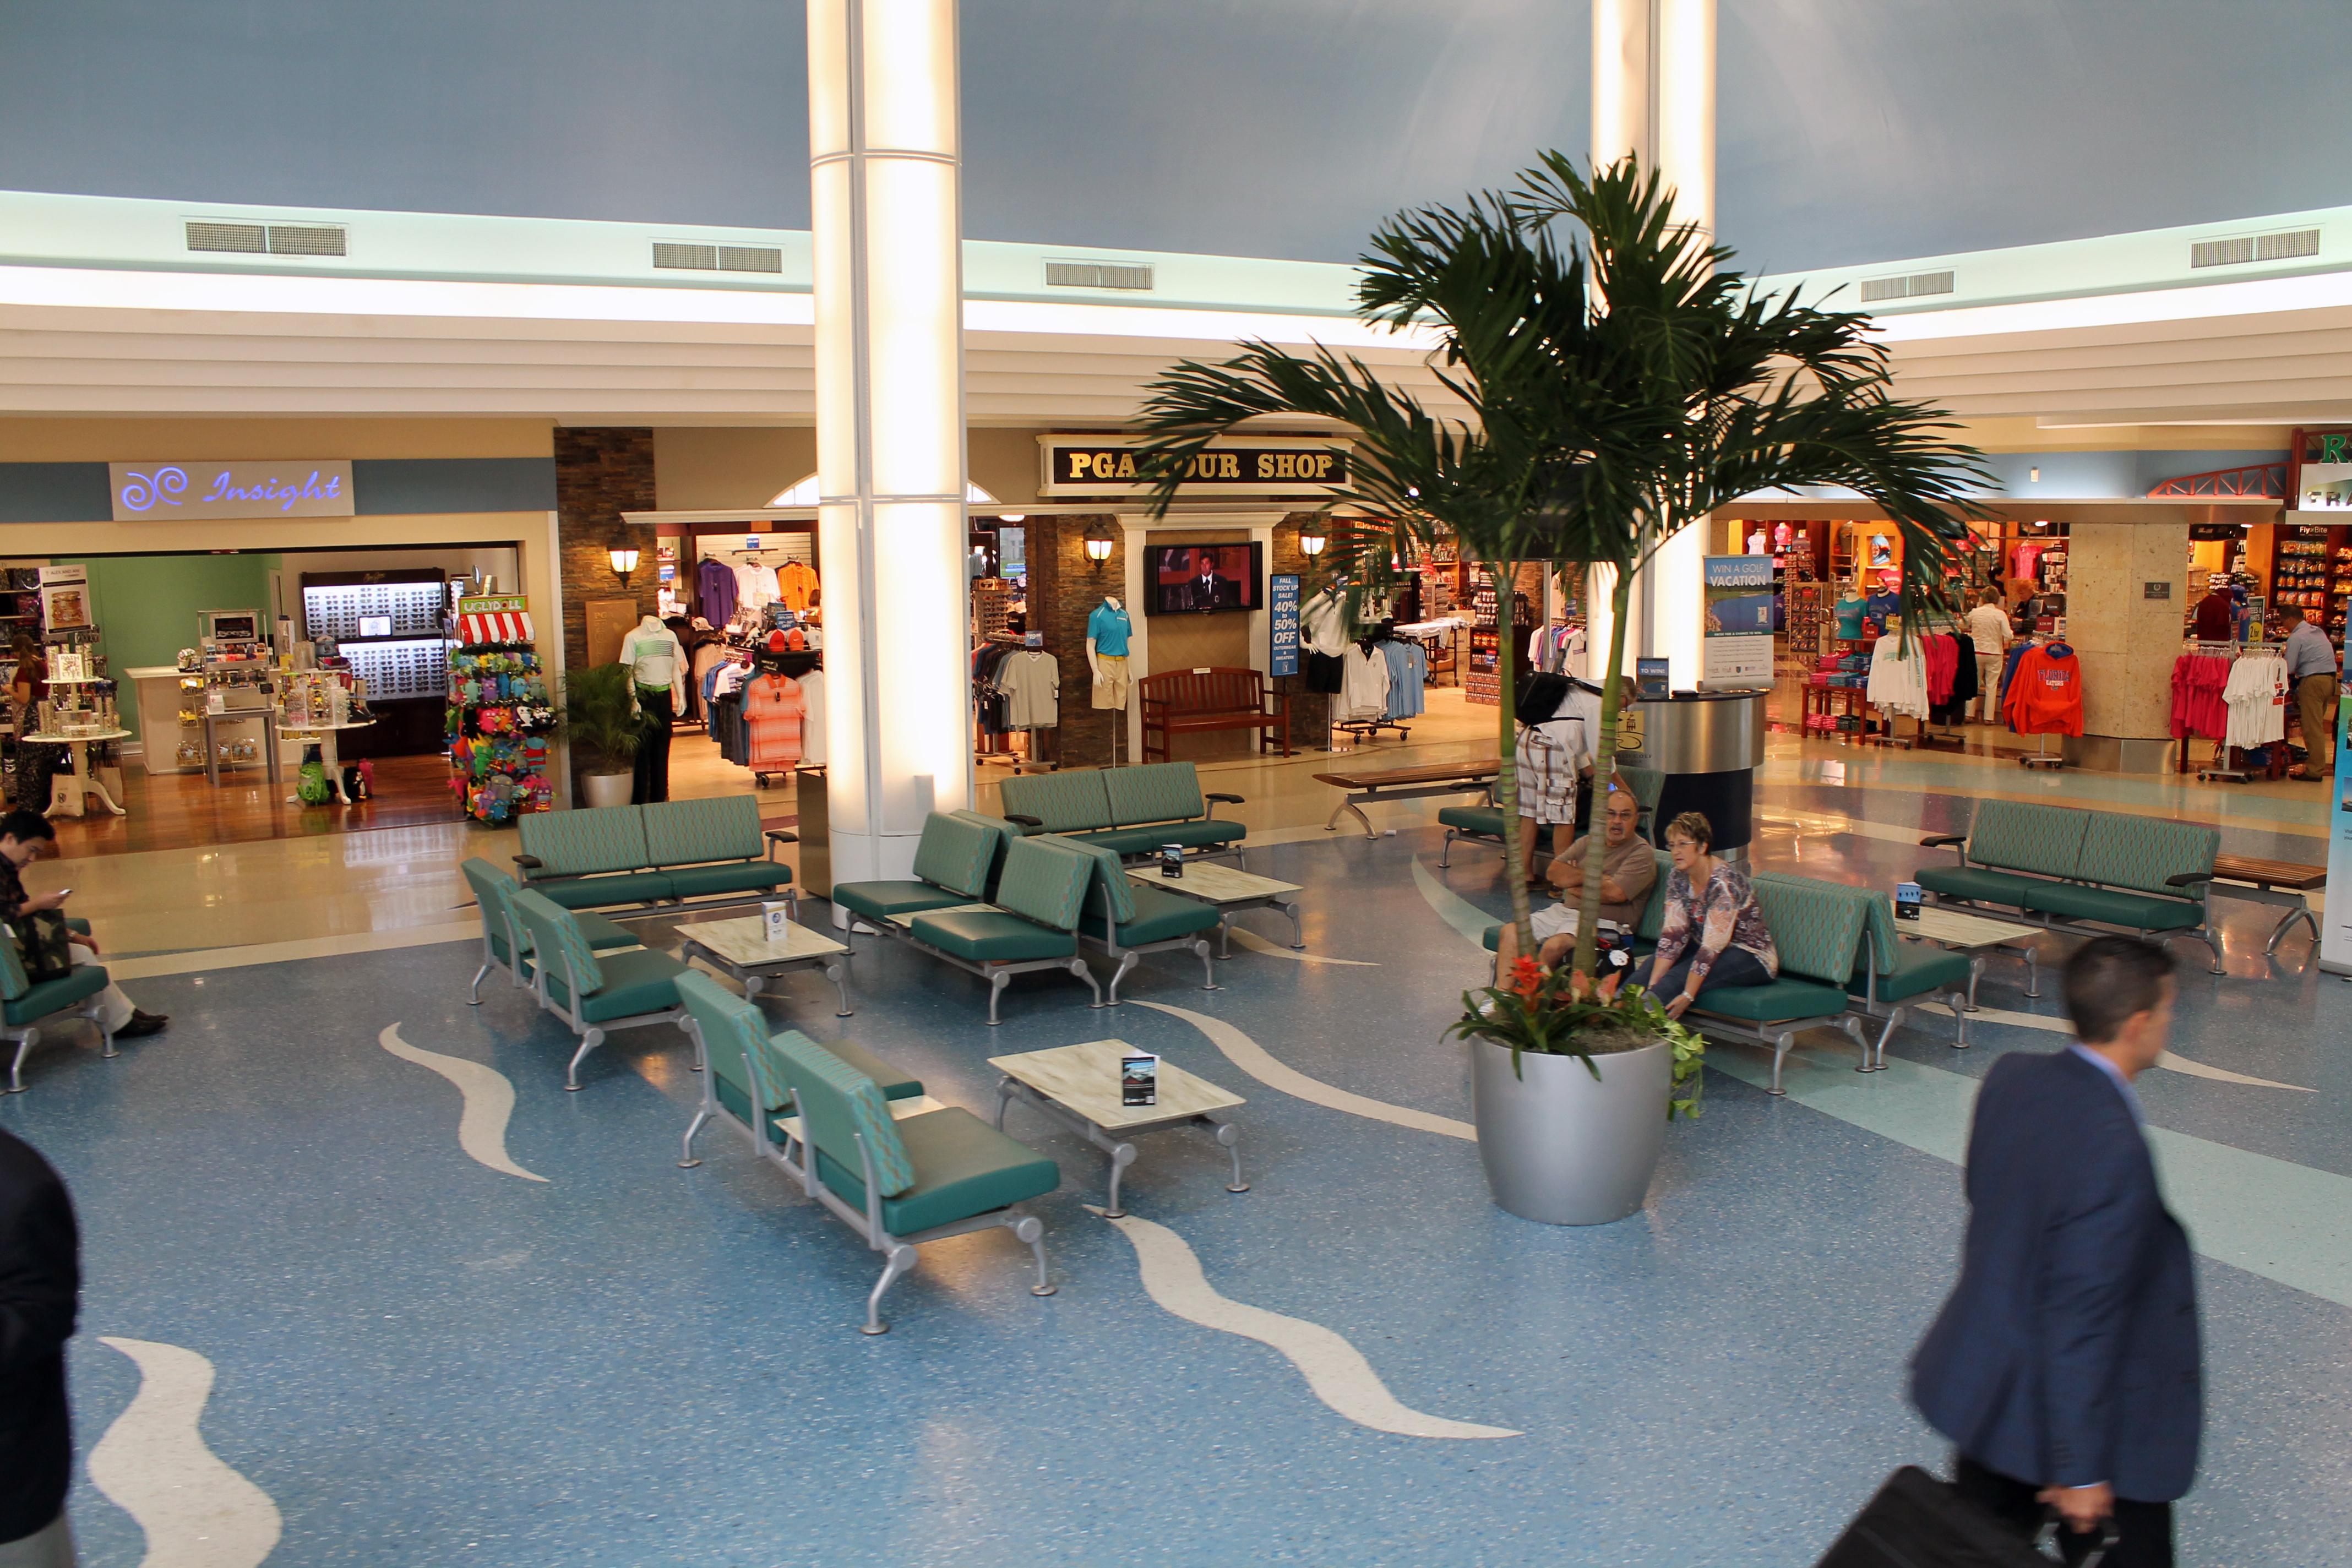 180321-TRA-airports-domestic-JAX